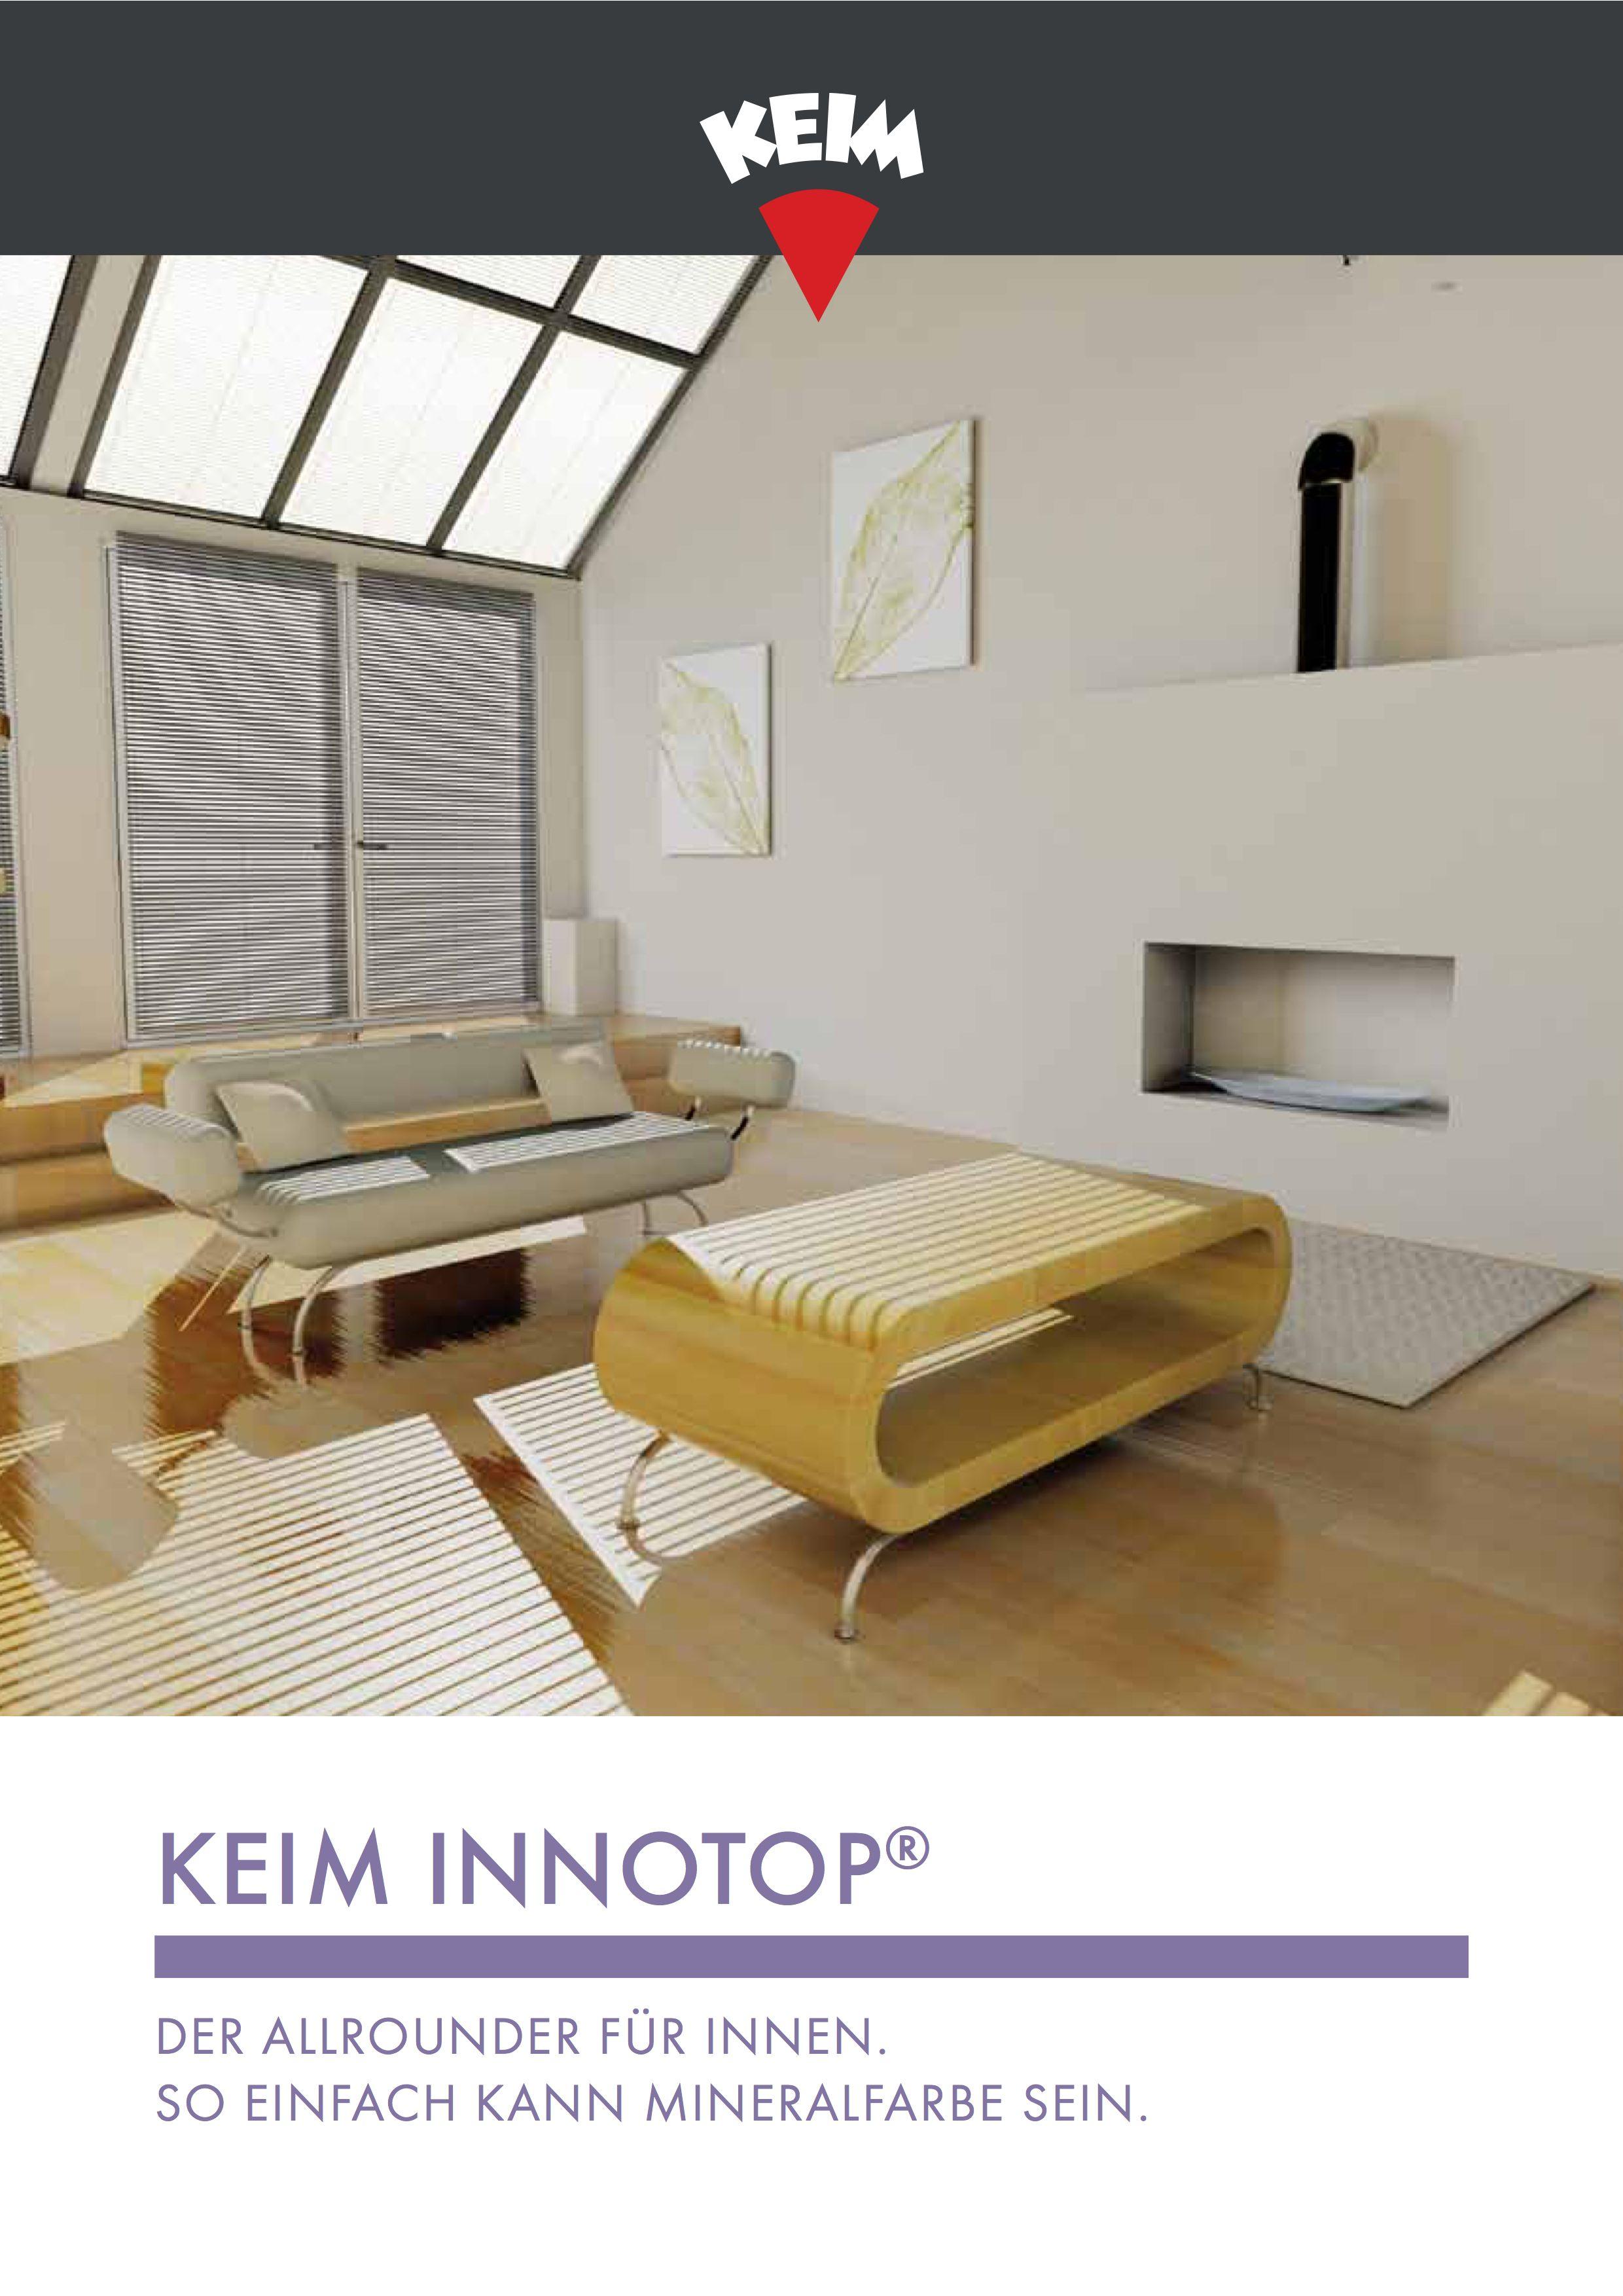 Keim Innotop Sol Silikatfarbe Wohnzimmer Inspiration Kaminbau Inneneinrichtung